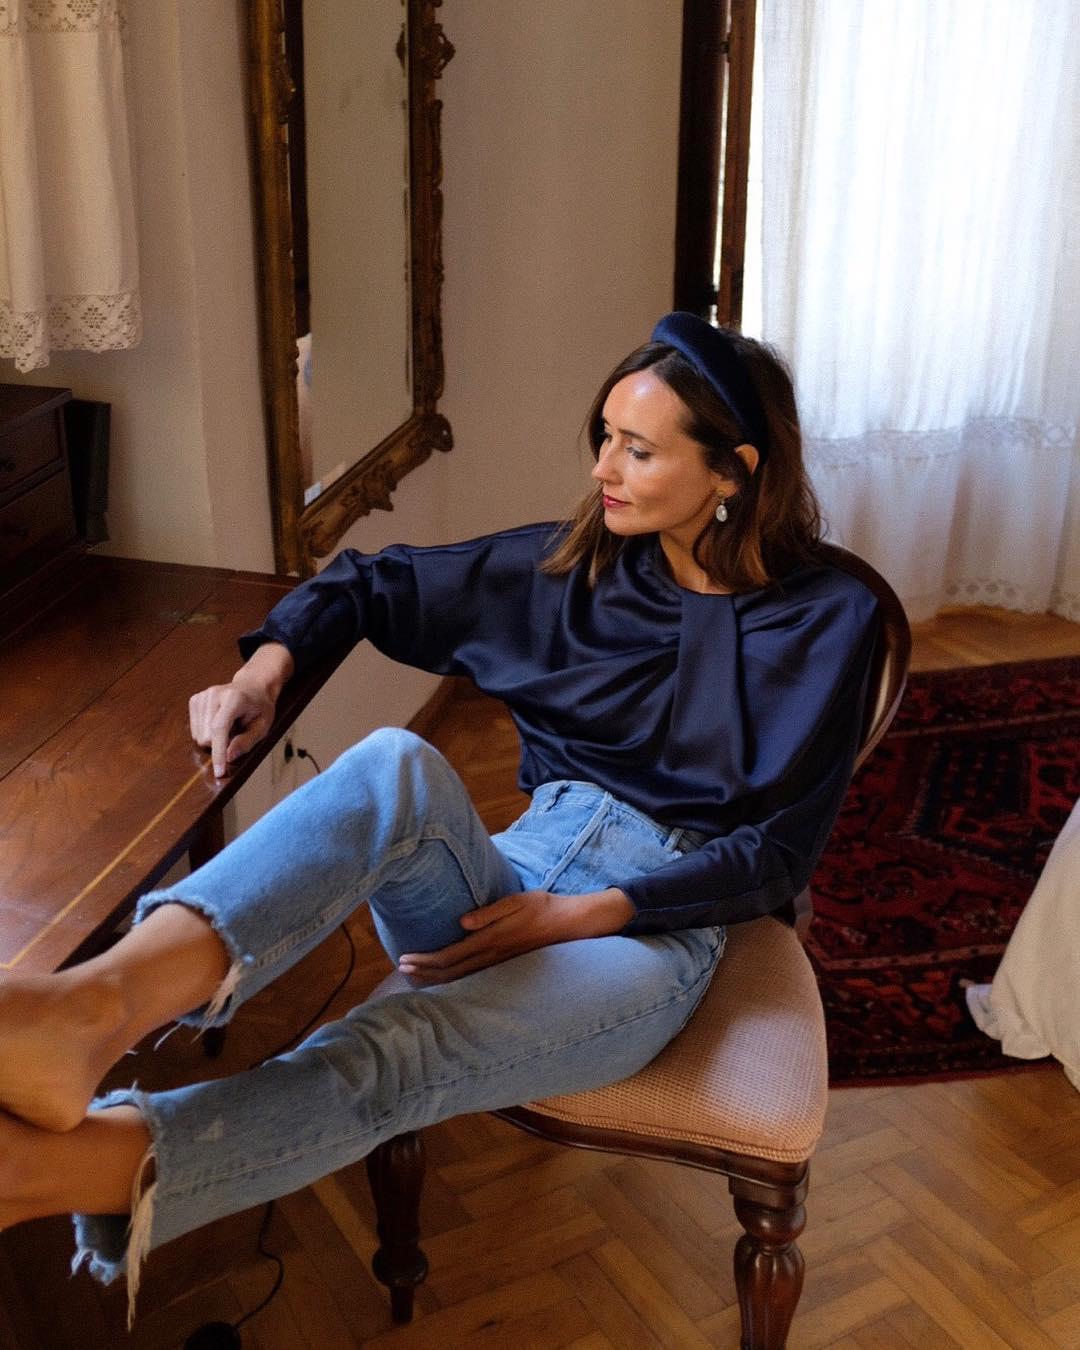 Vaqueros De Mujer Looks De Moda Con Jeans Faciles Y Muy Bonitos